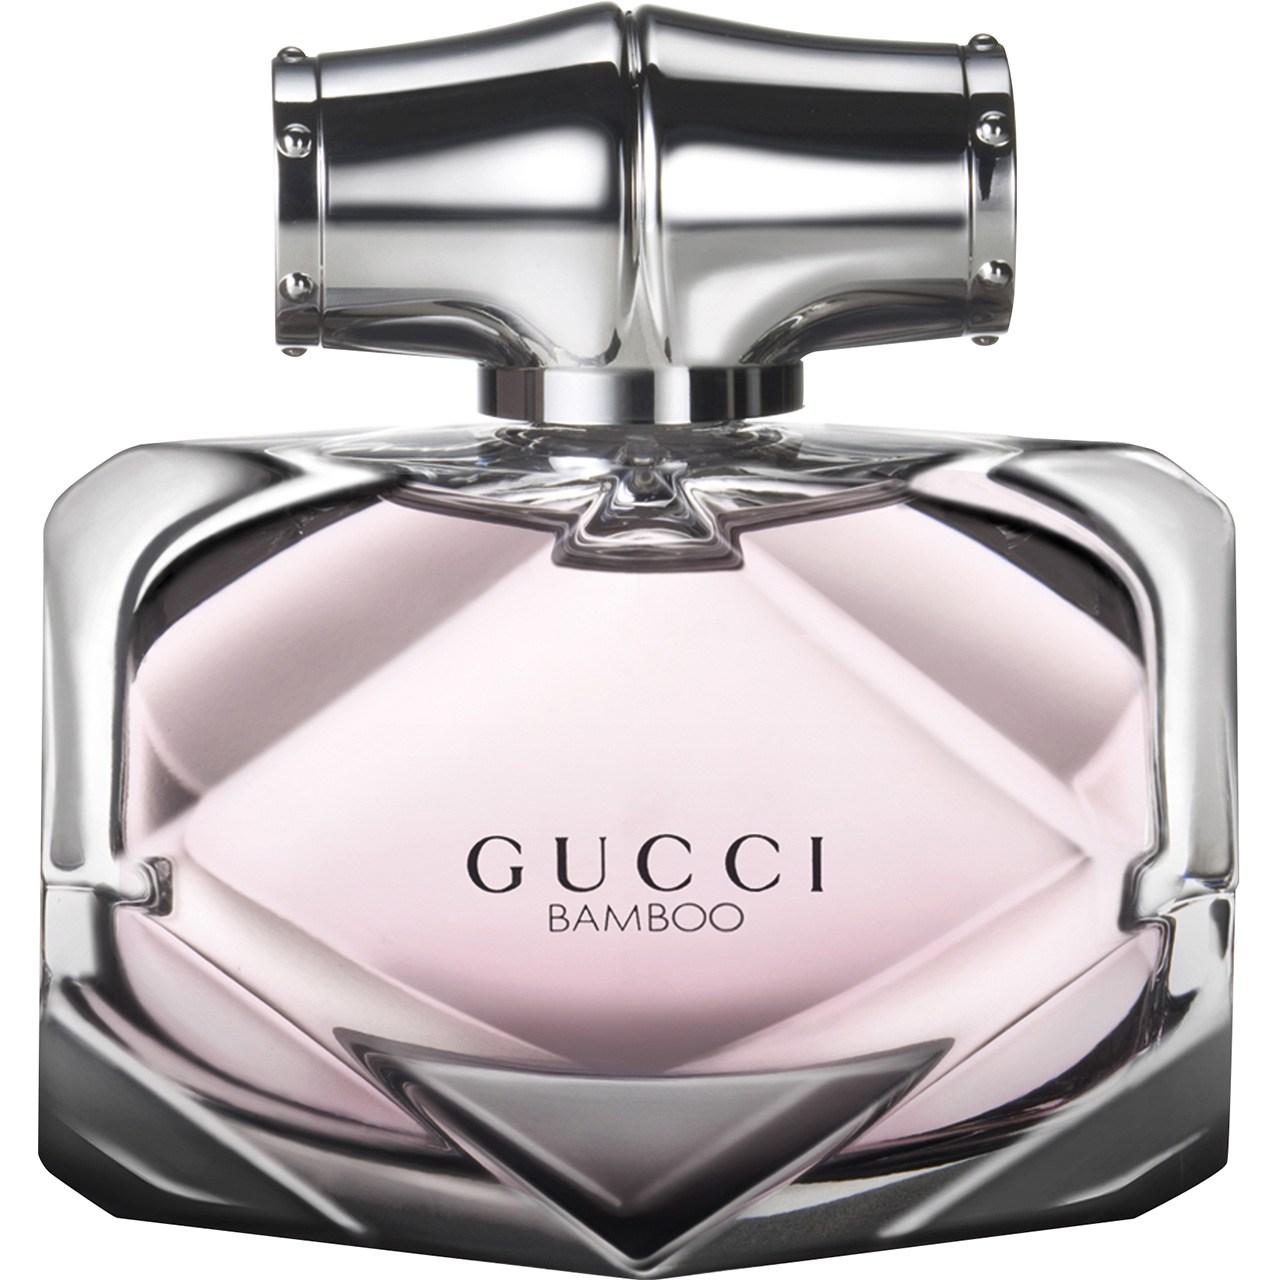 ادو پرفیوم زنانه گوچی مدل Gucci Bamboo حجم 75 میلی لیتر